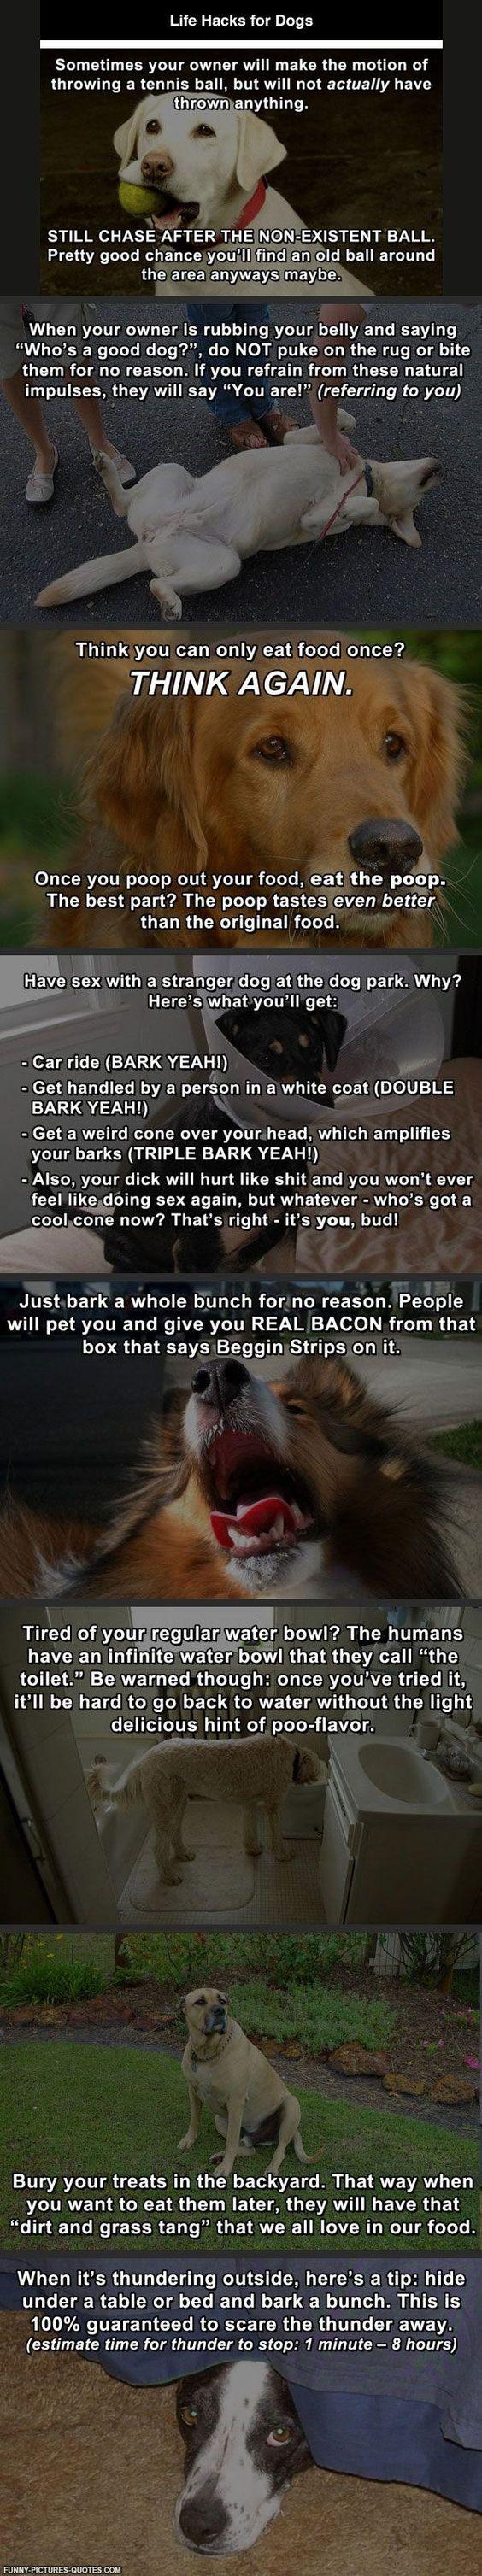 Good advices for a dog